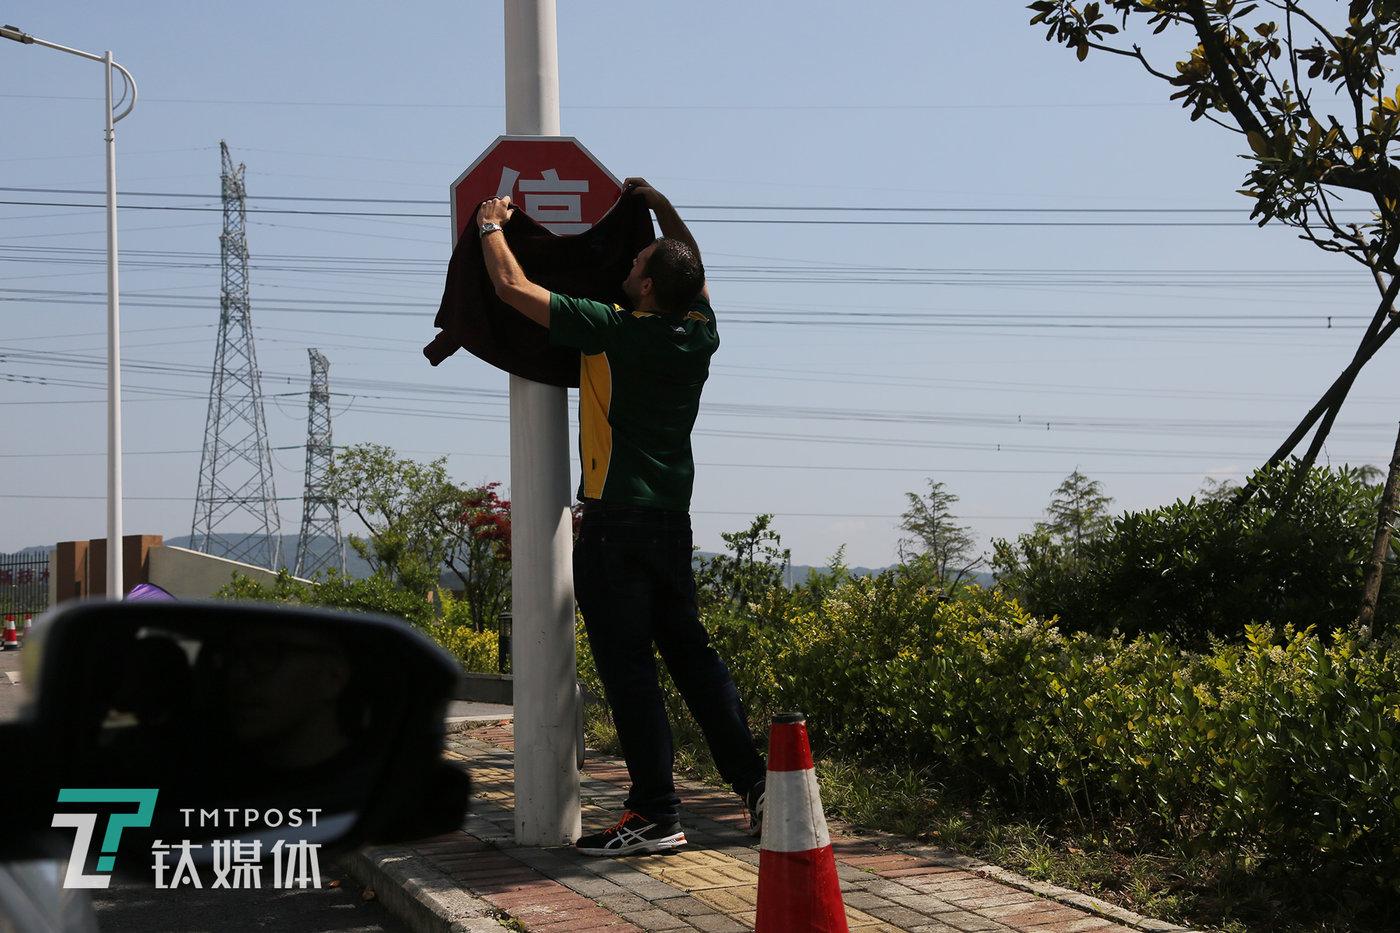 """2D队竞争对手 """"2EASY""""队的道路训练中,队队员用衣物遮挡停车标识来检测系统识别效果。"""